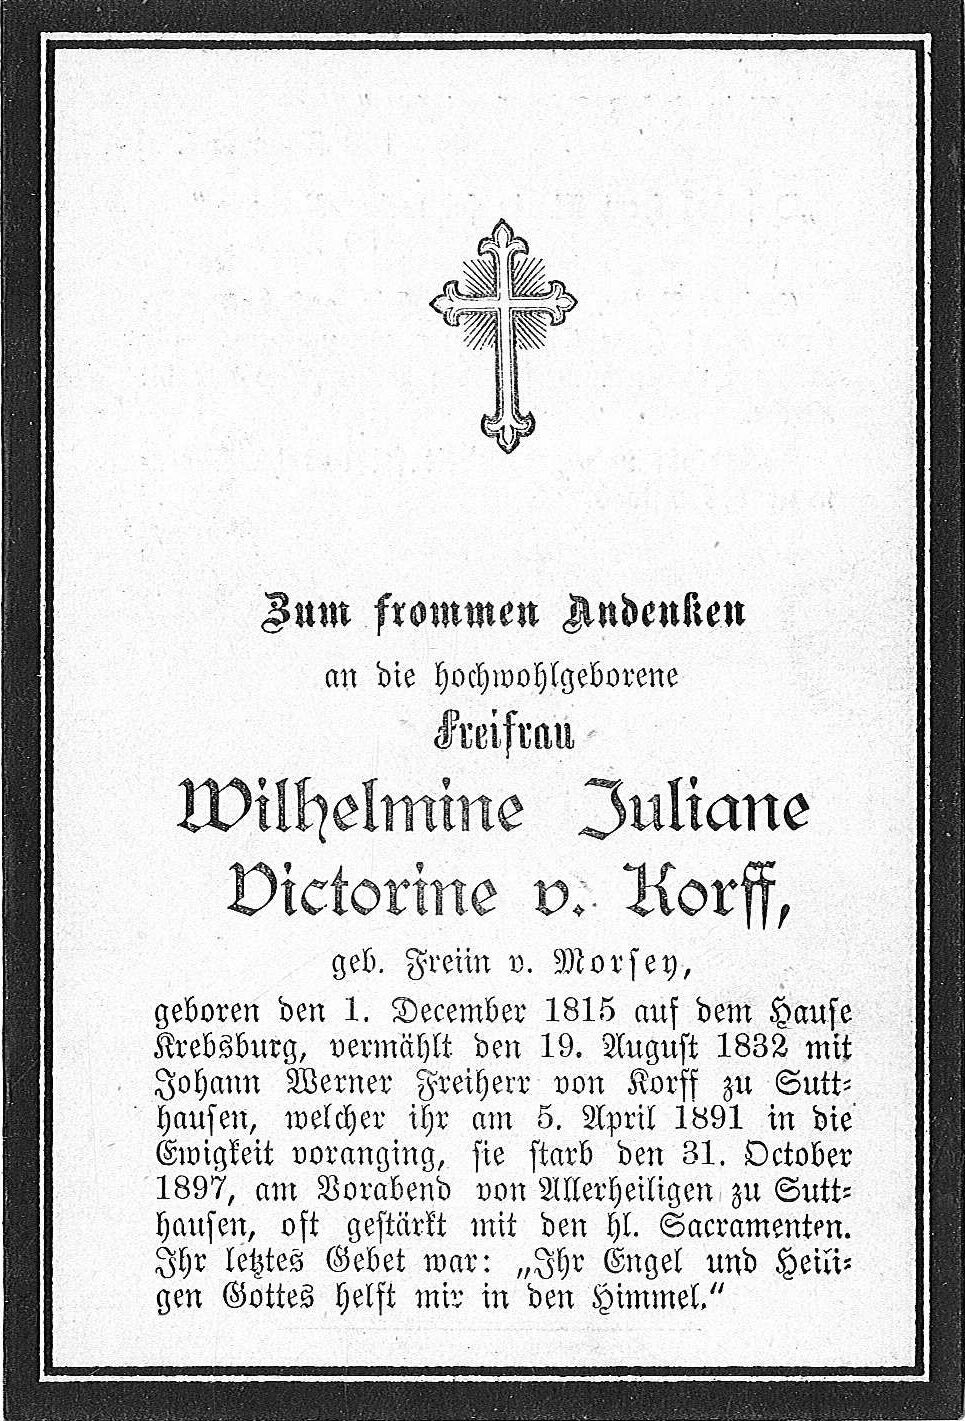 Wilhelmine-Juliane-Victorine-(1897)-20120831102402_00036.jpg